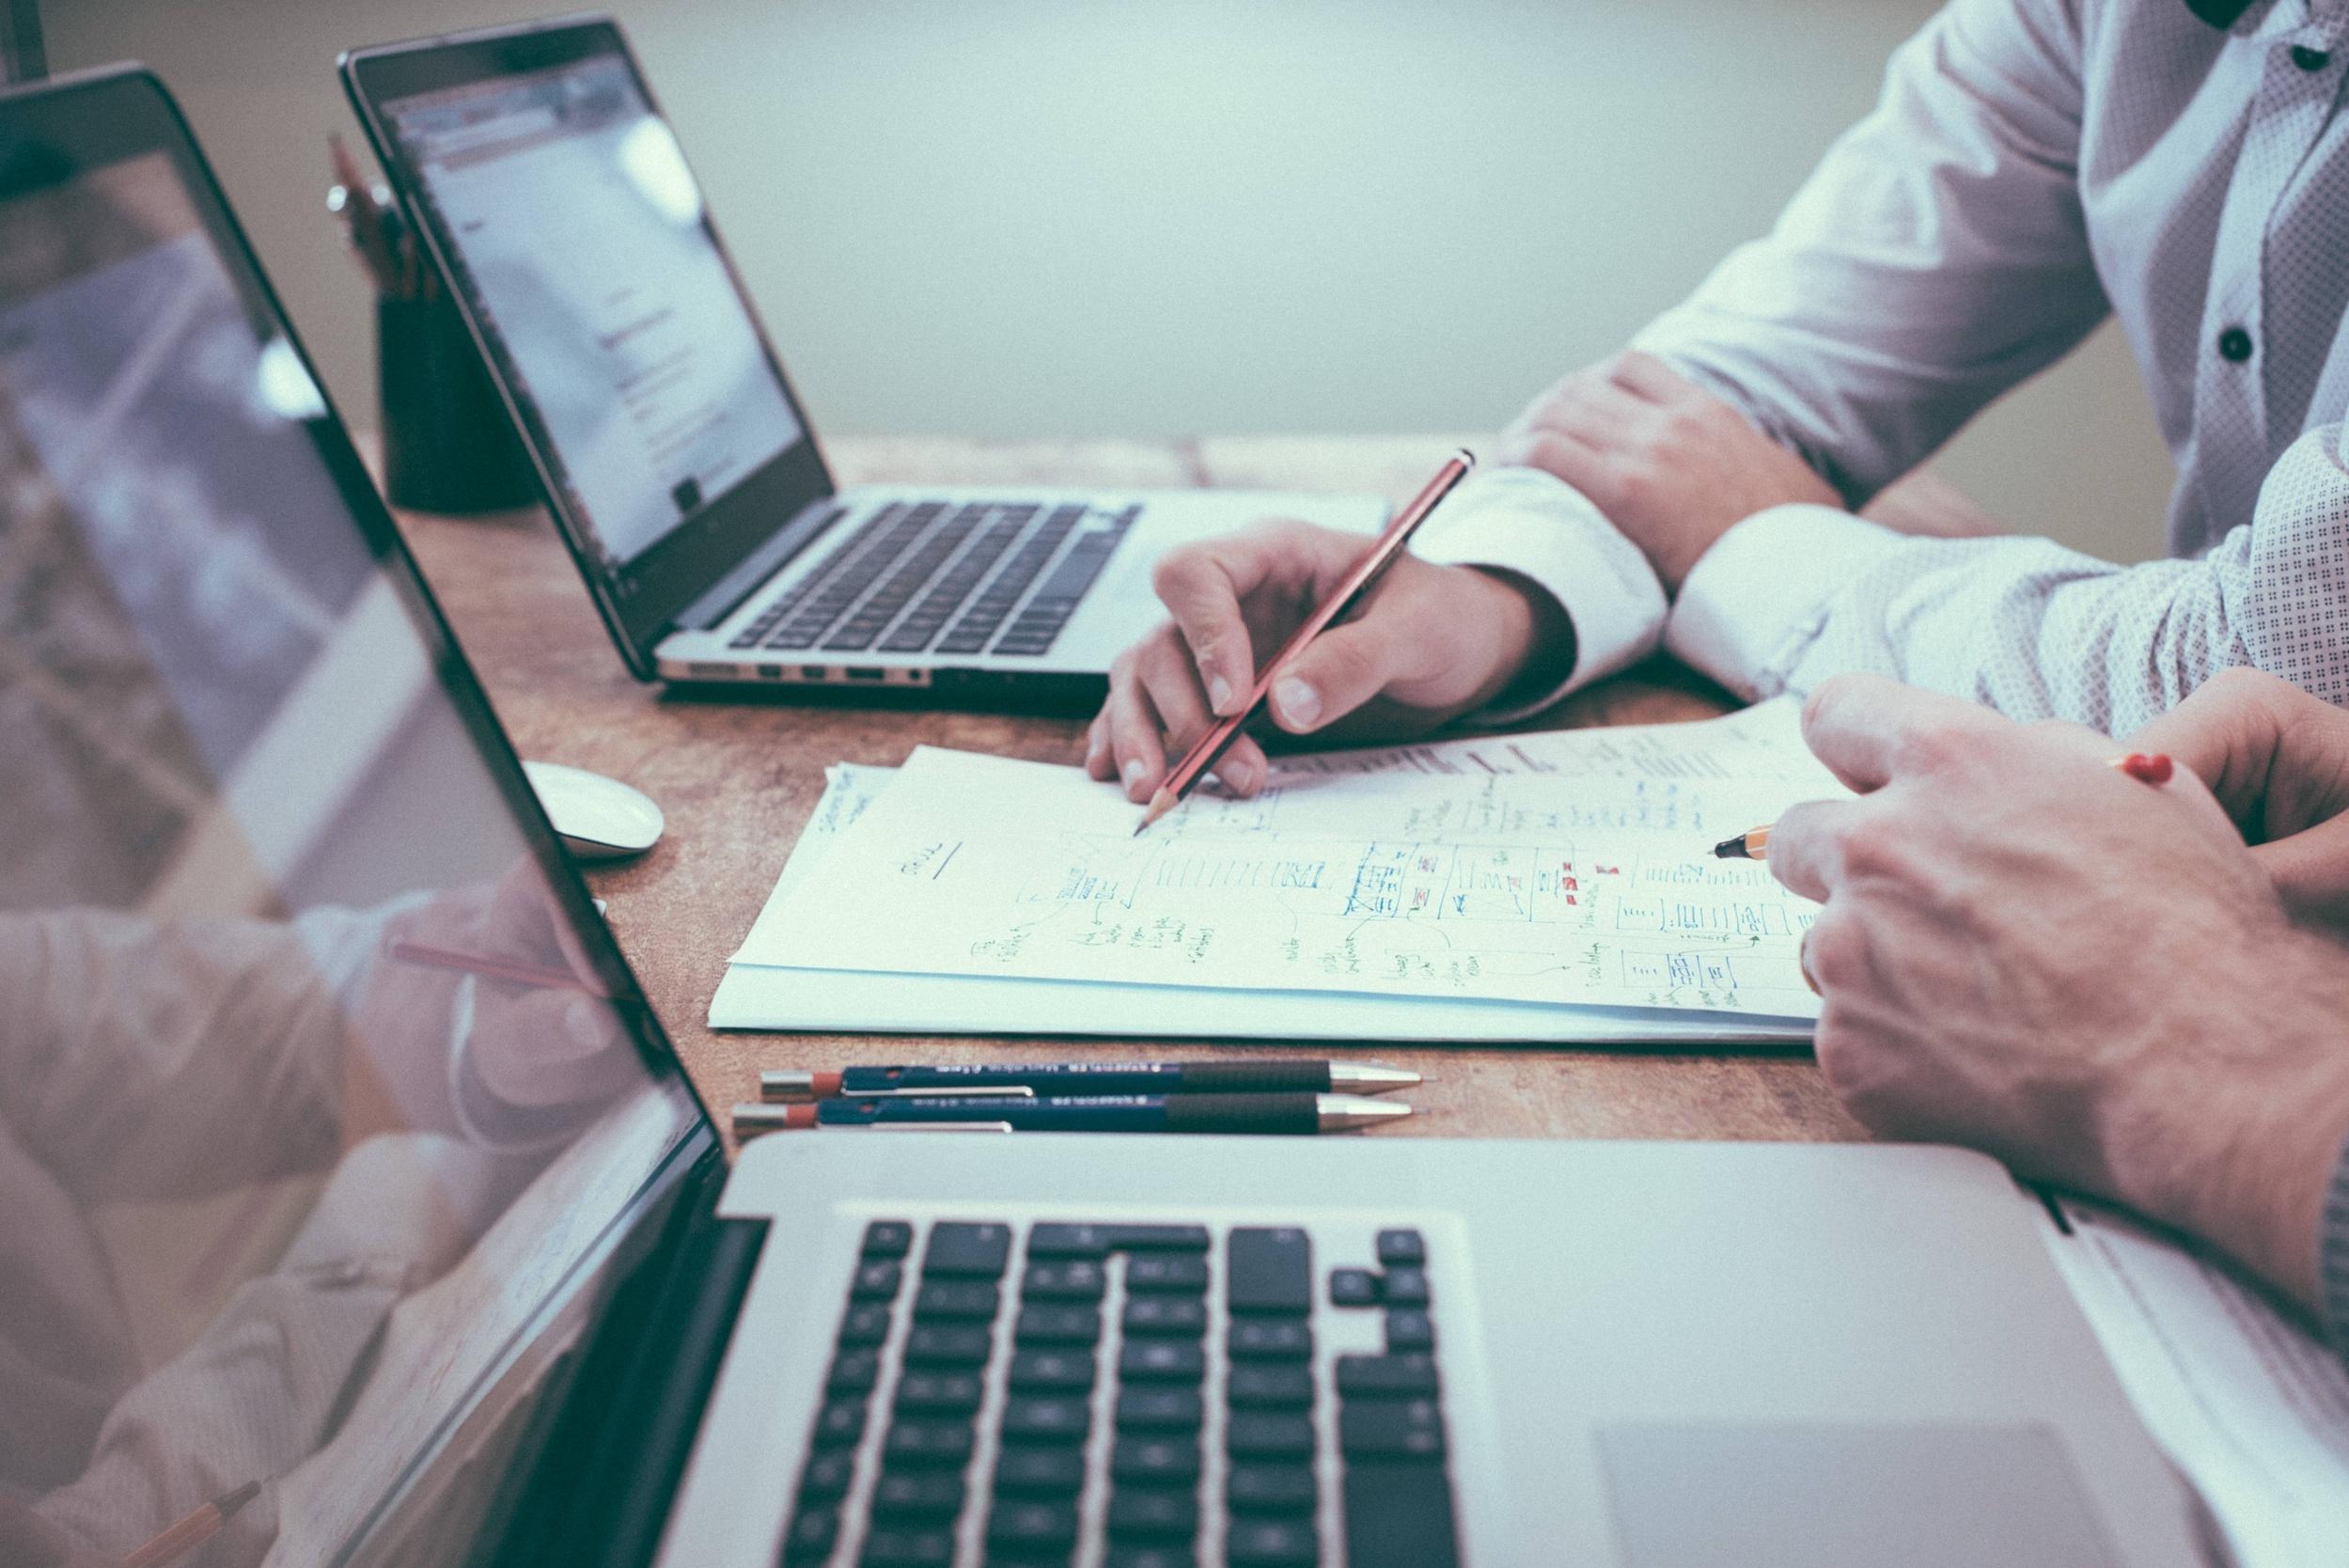 Przekształcenie spółki komandytowej w spółkę jawną wymaga pracy, ale może przynieść korzyści.